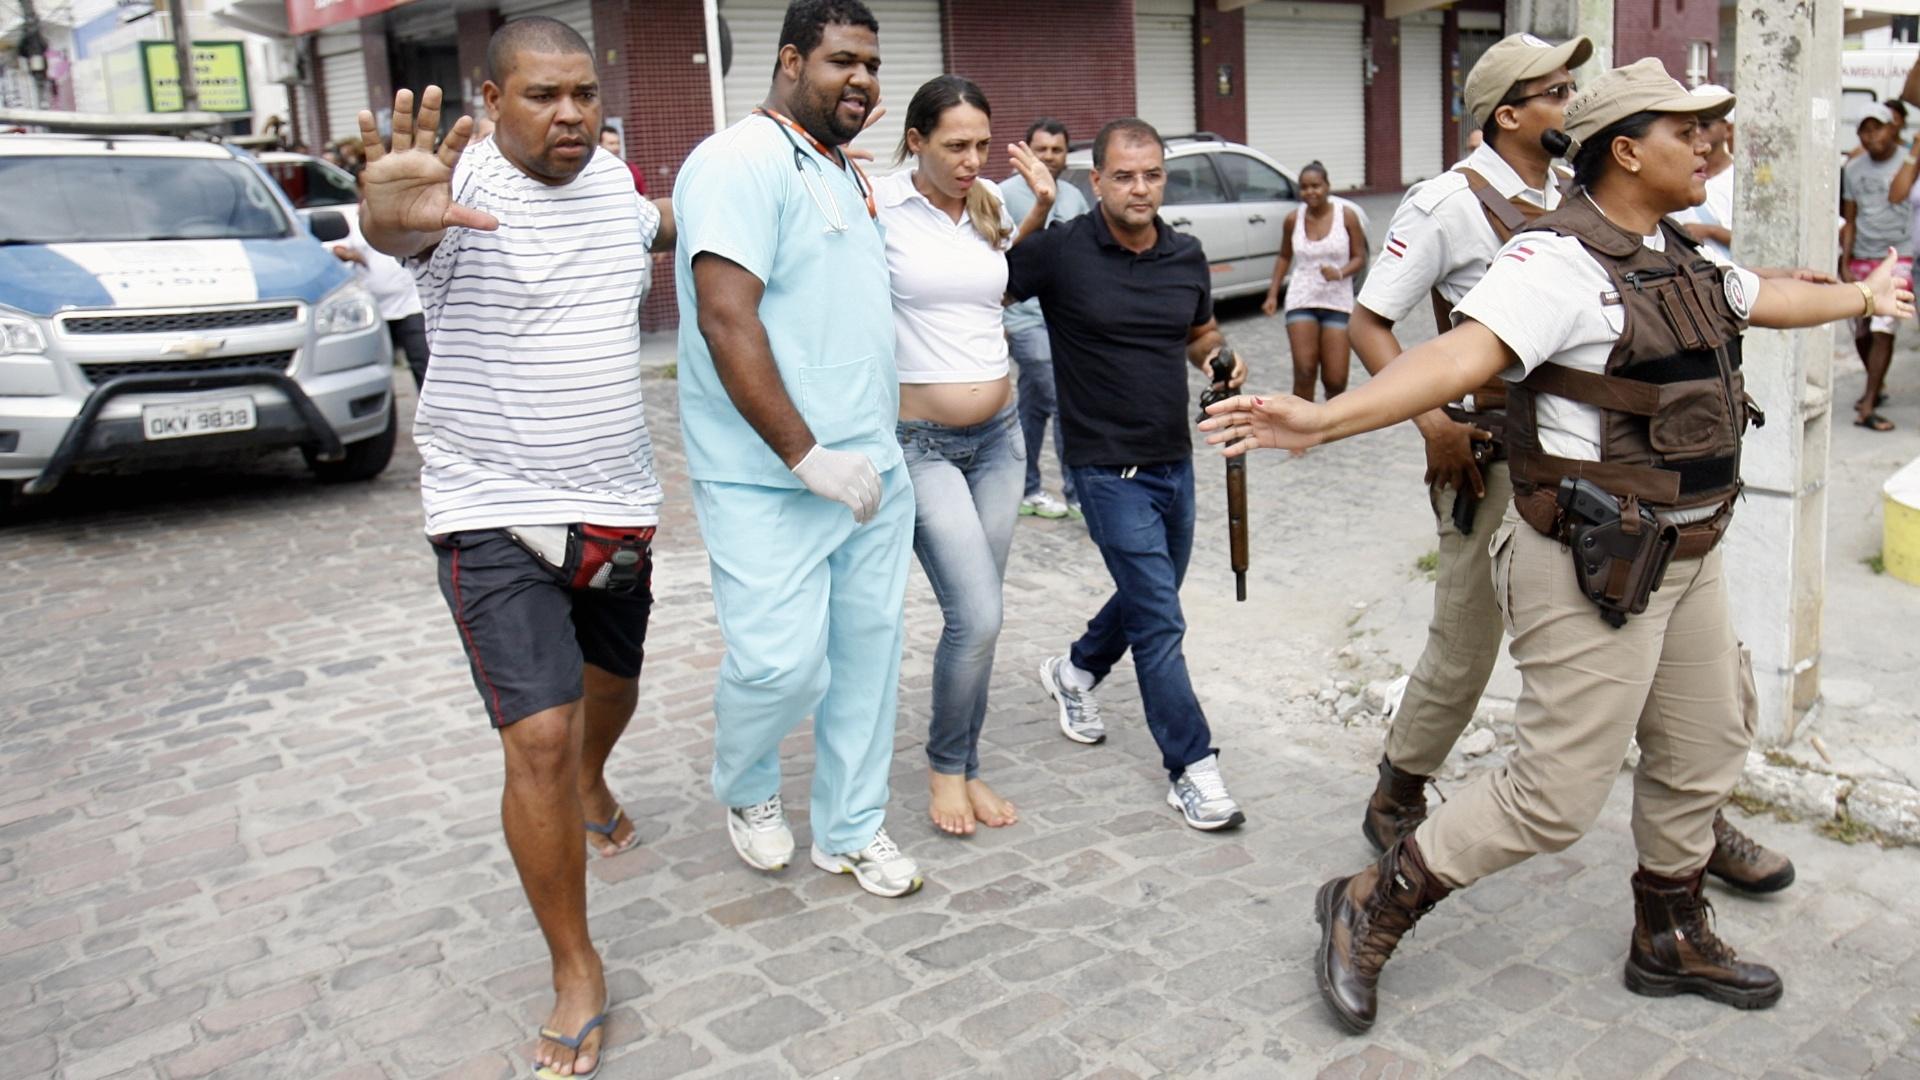 18.mar.2015 - Chegou ao fim na manhã desta quarta-feira (18) o sequestro da gerente de uma joalheria no município de Riachão do Jacuípe, a 197 km de Salvador